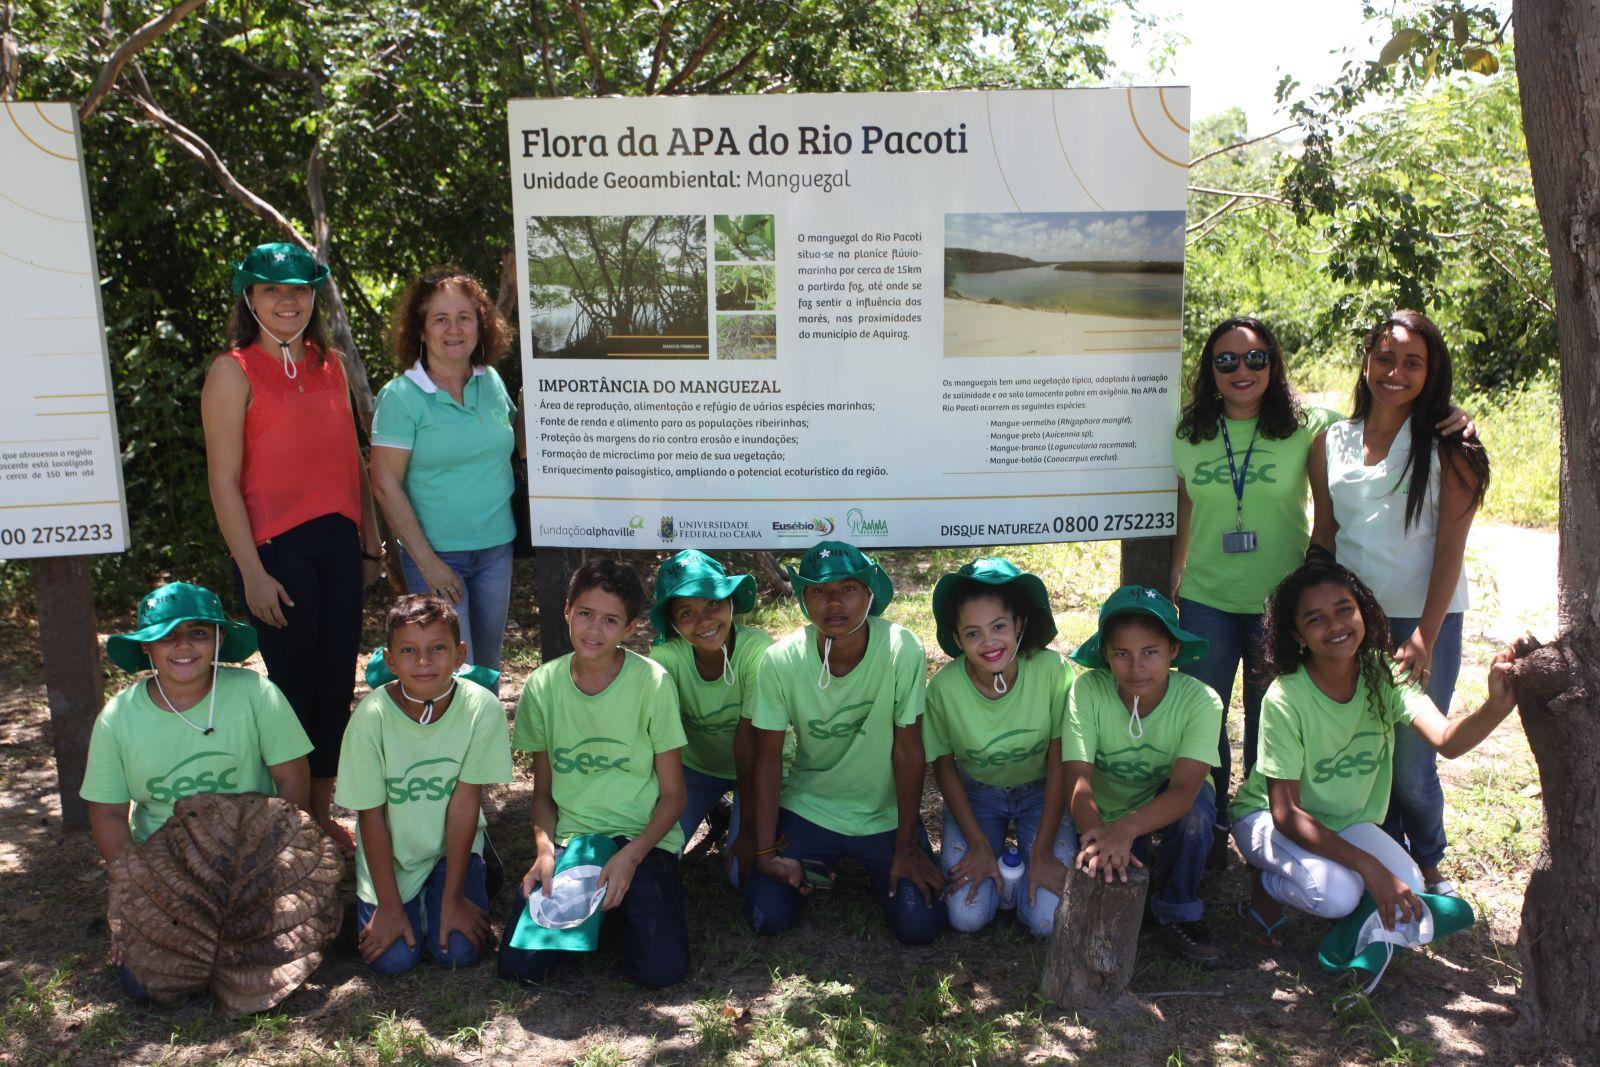 Eusébio lança em parceria com o SESC, projeto de preservação ambiental da APA do Rio Pacoti